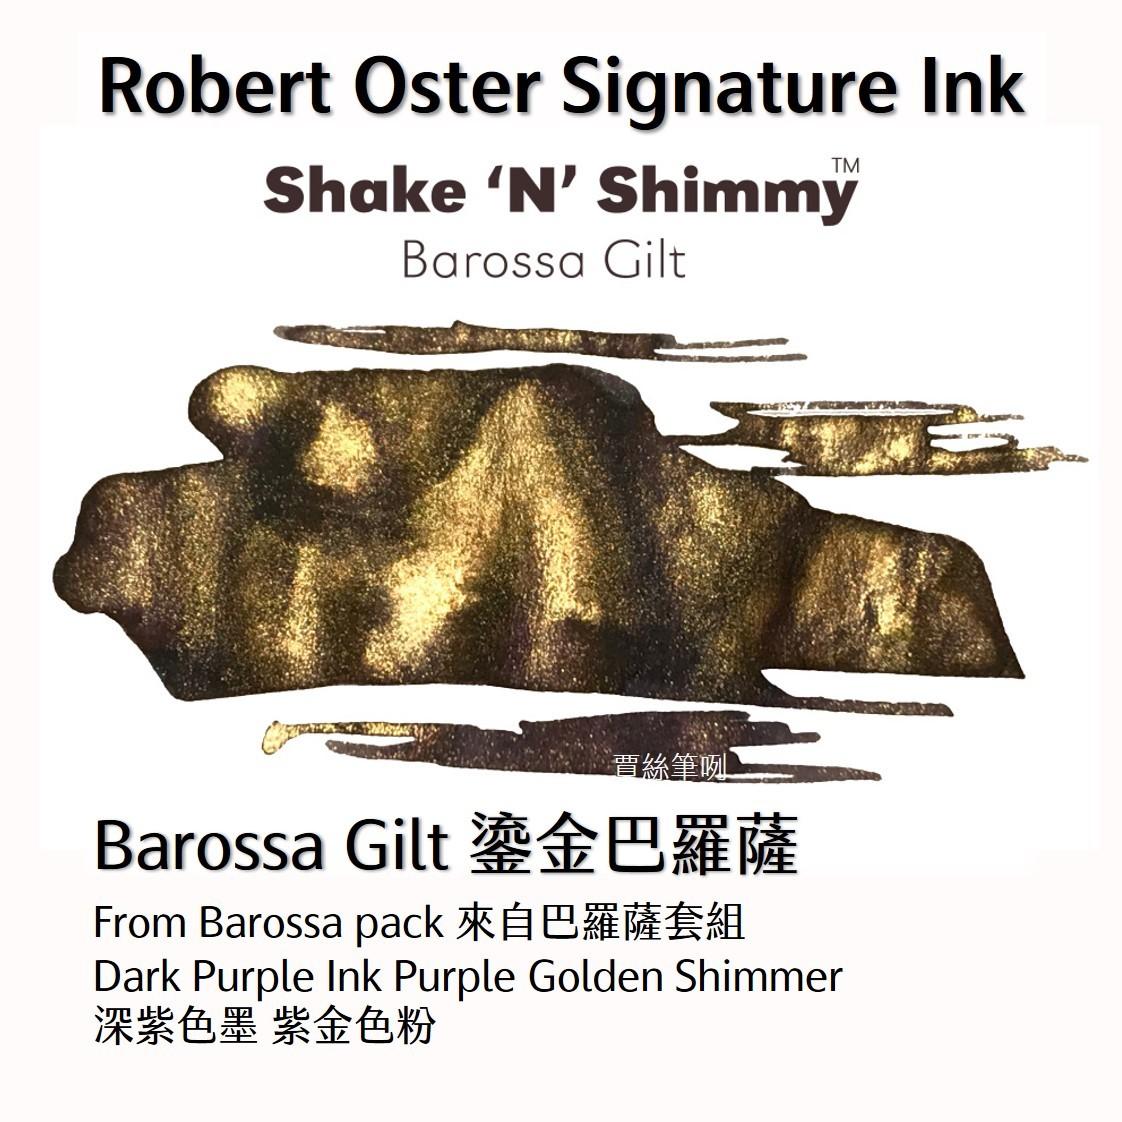 商品圖 - Shim - Barossa Gilt 鎏金巴羅薩.jpg